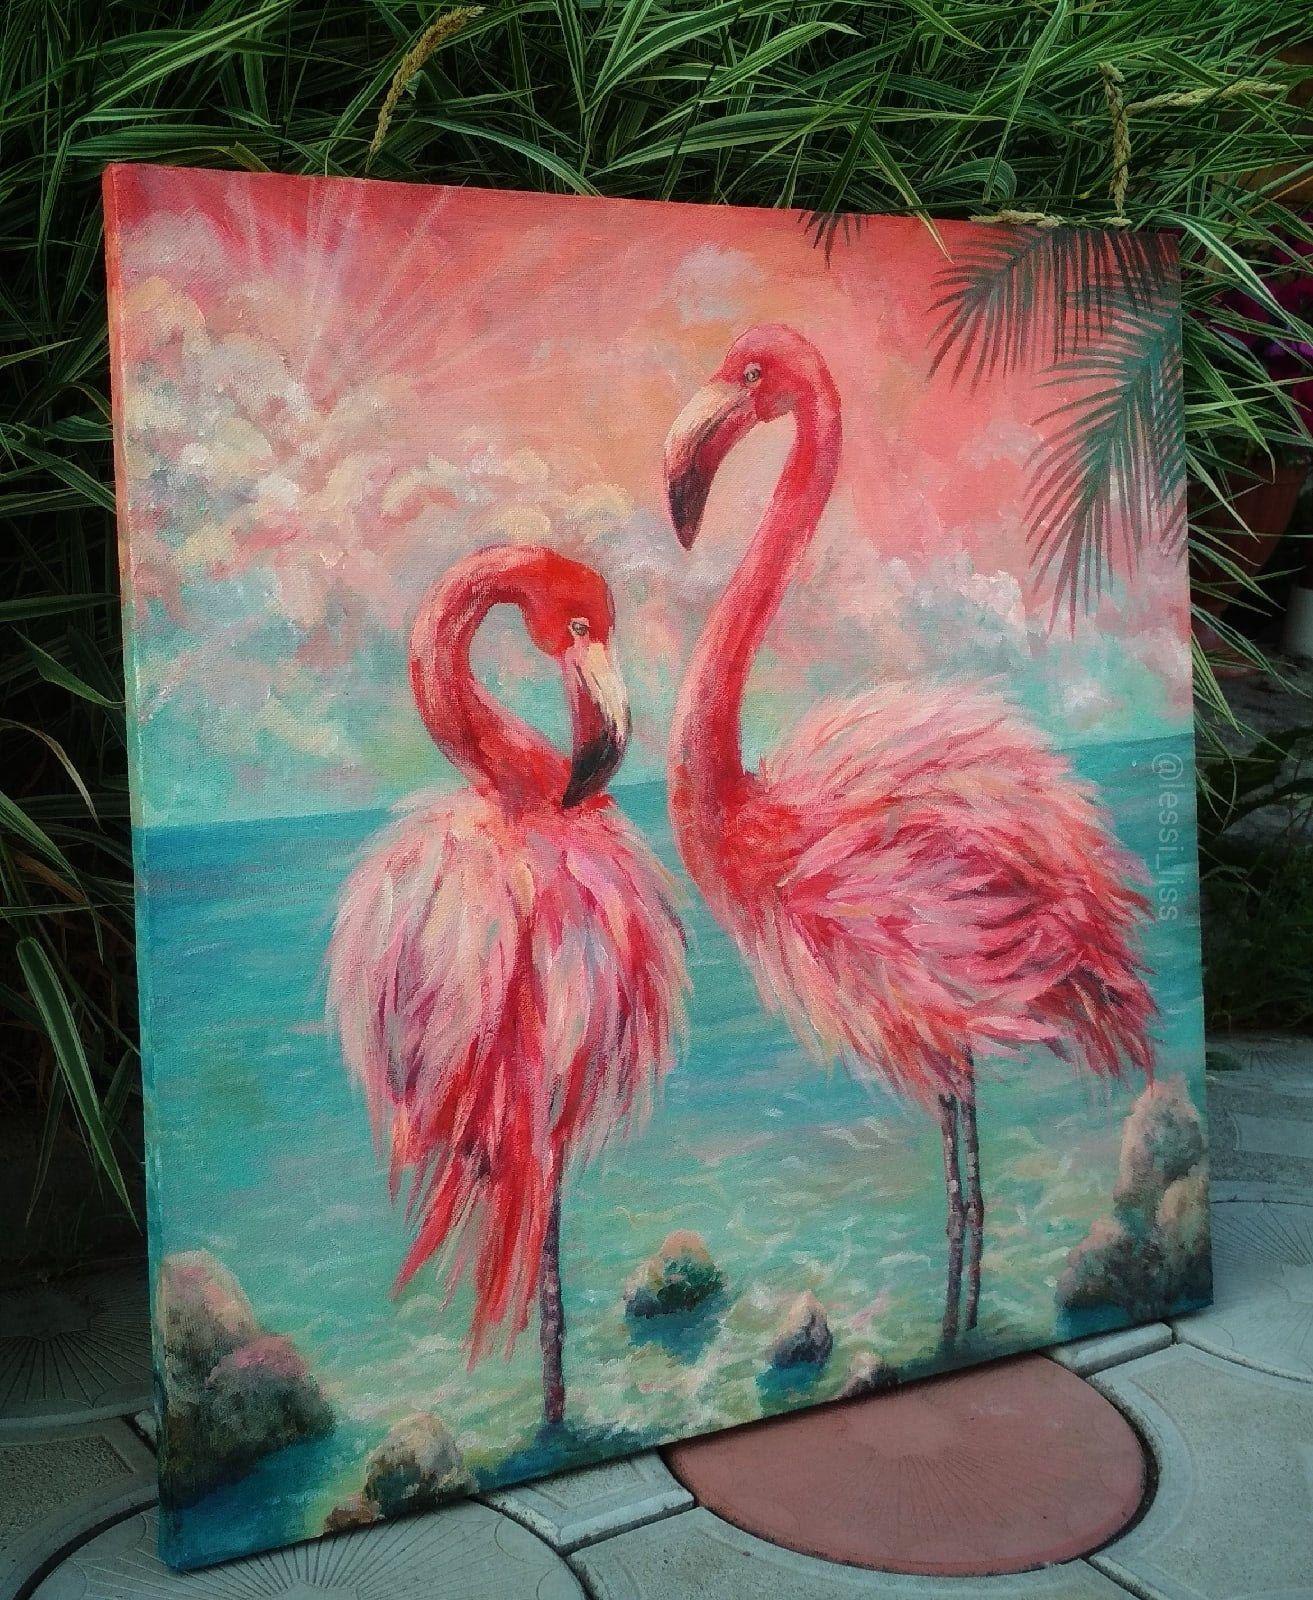 Flamingo, Brush painting, colorful flamingo birds,